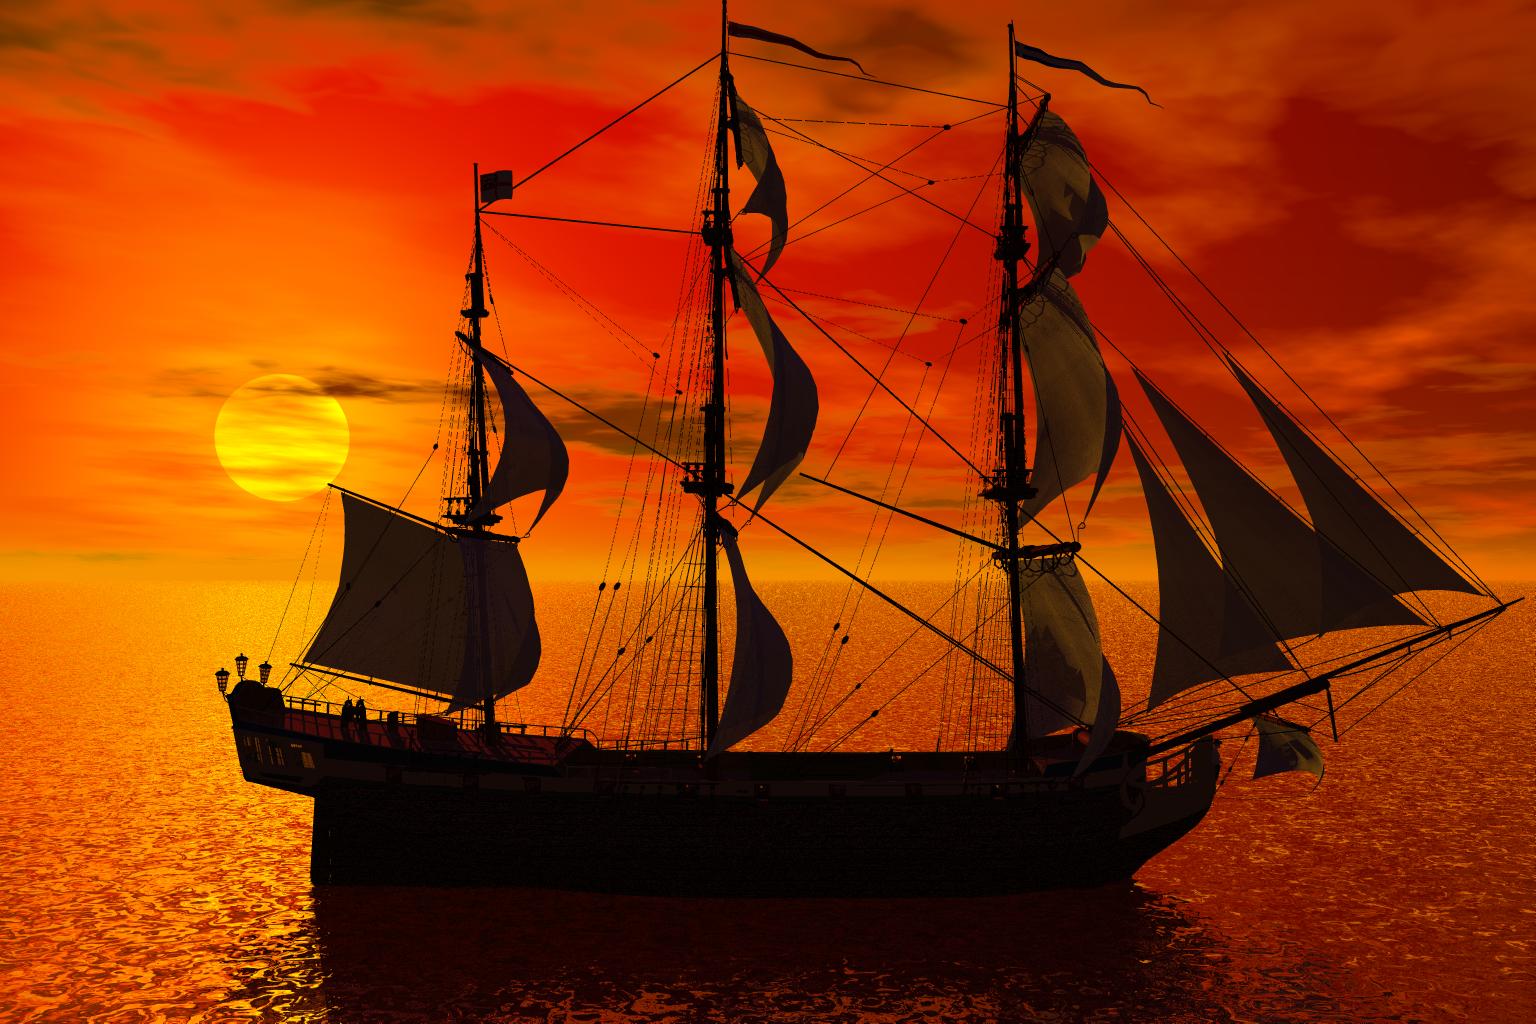 http://2.bp.blogspot.com/-FqI6QfoChlk/UPgaaQthkGI/AAAAAAAAAF0/YQopqnIQ74E/s1600/ships+%25287%2529.png